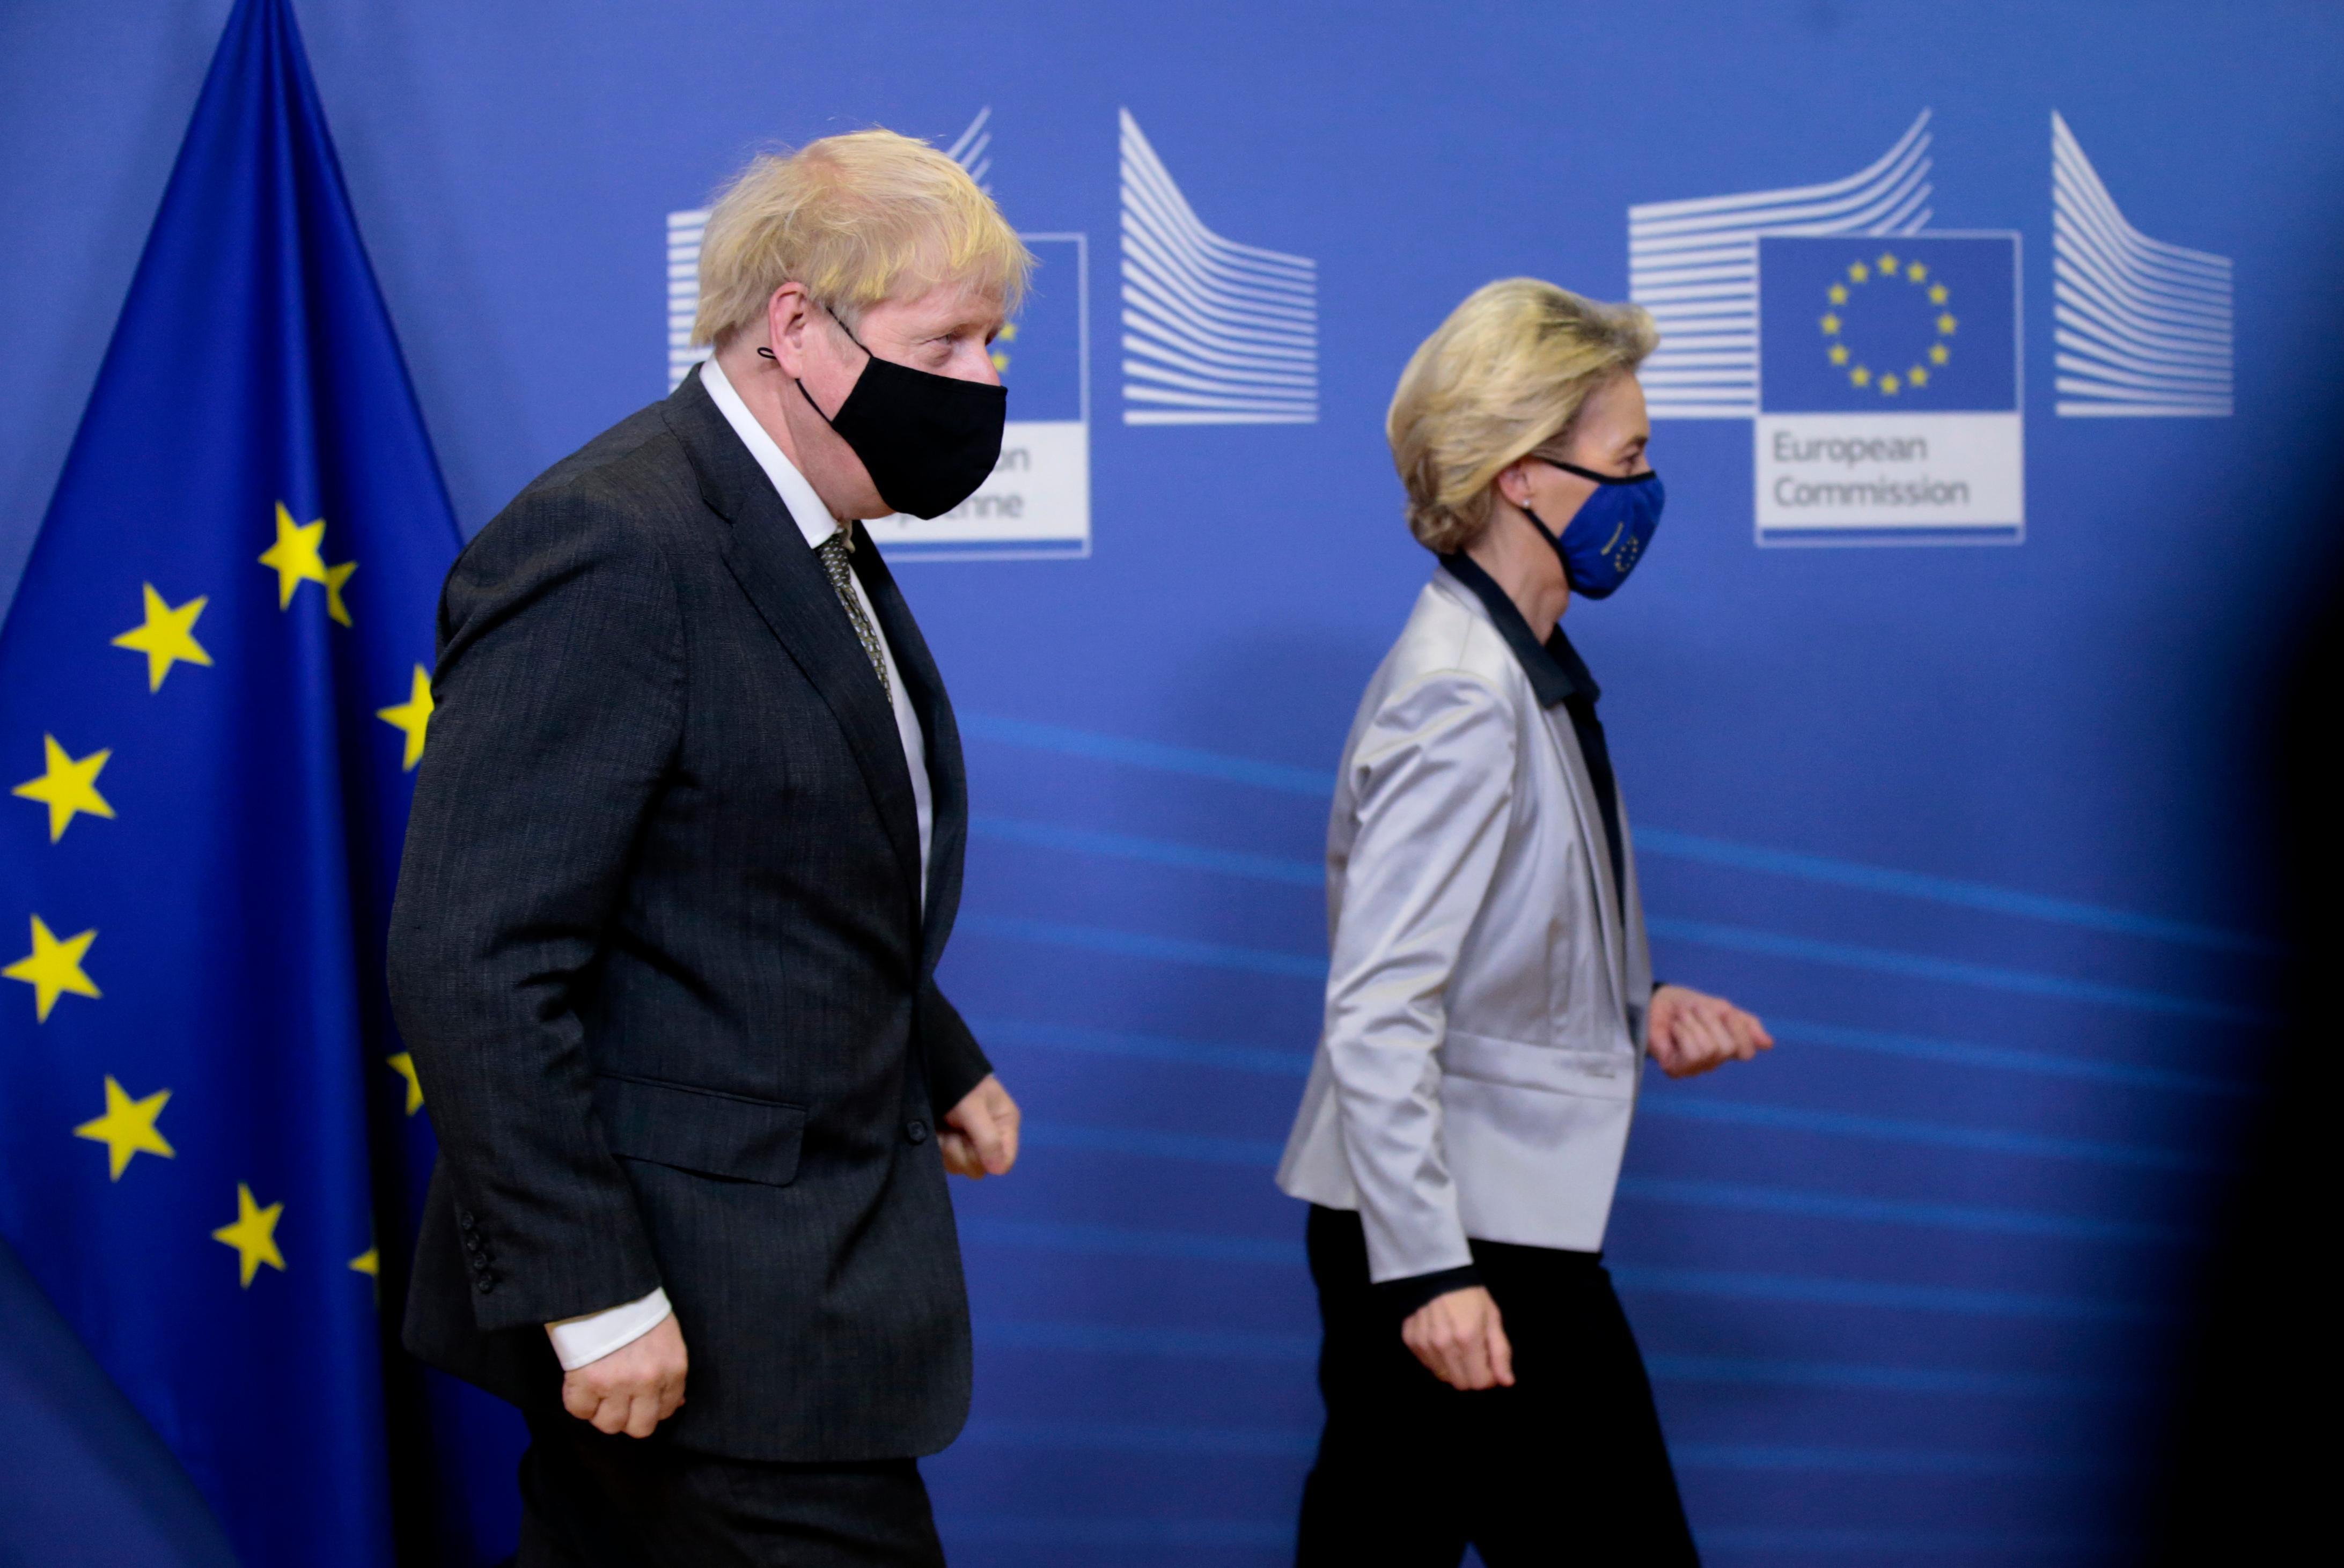 Livestream zur Brexit-Einigung - Unverhoffte Weihnachtsbotschaft zwischen EU und UK